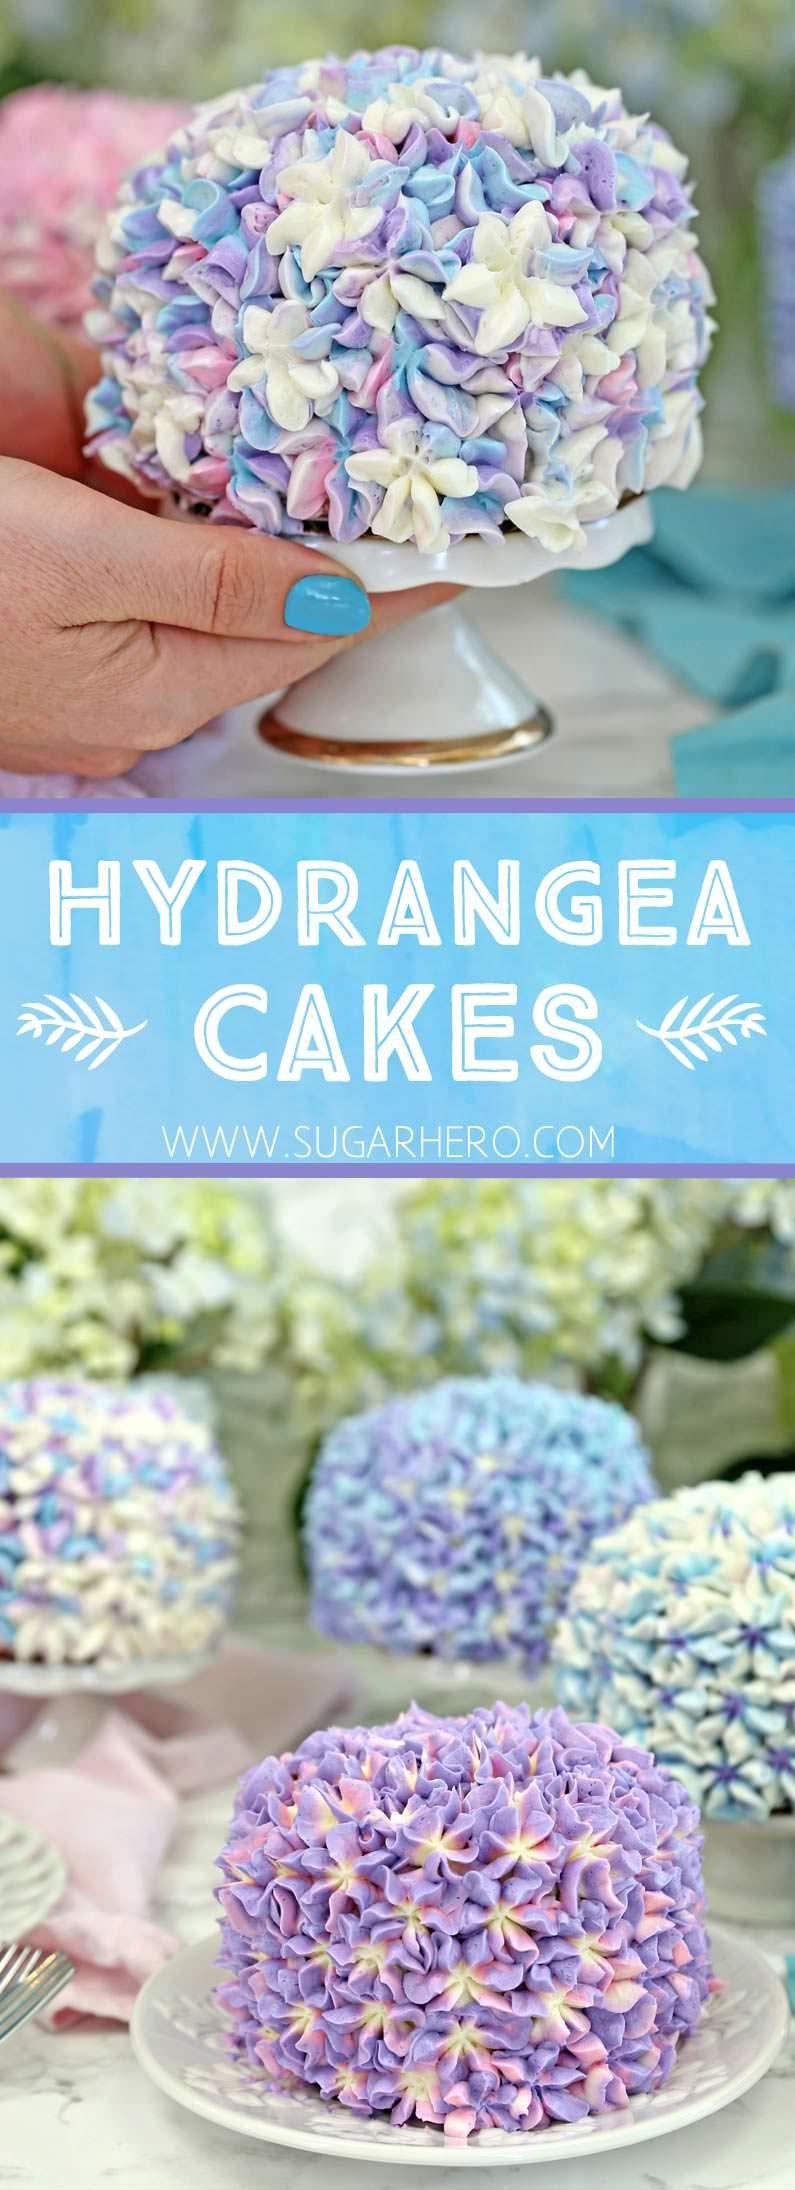 Bolos de Hydrangea - belos mini bolos que parecem hortênsias! Perfeito para festas de primavera ou chuveiros | De SugarHero.com